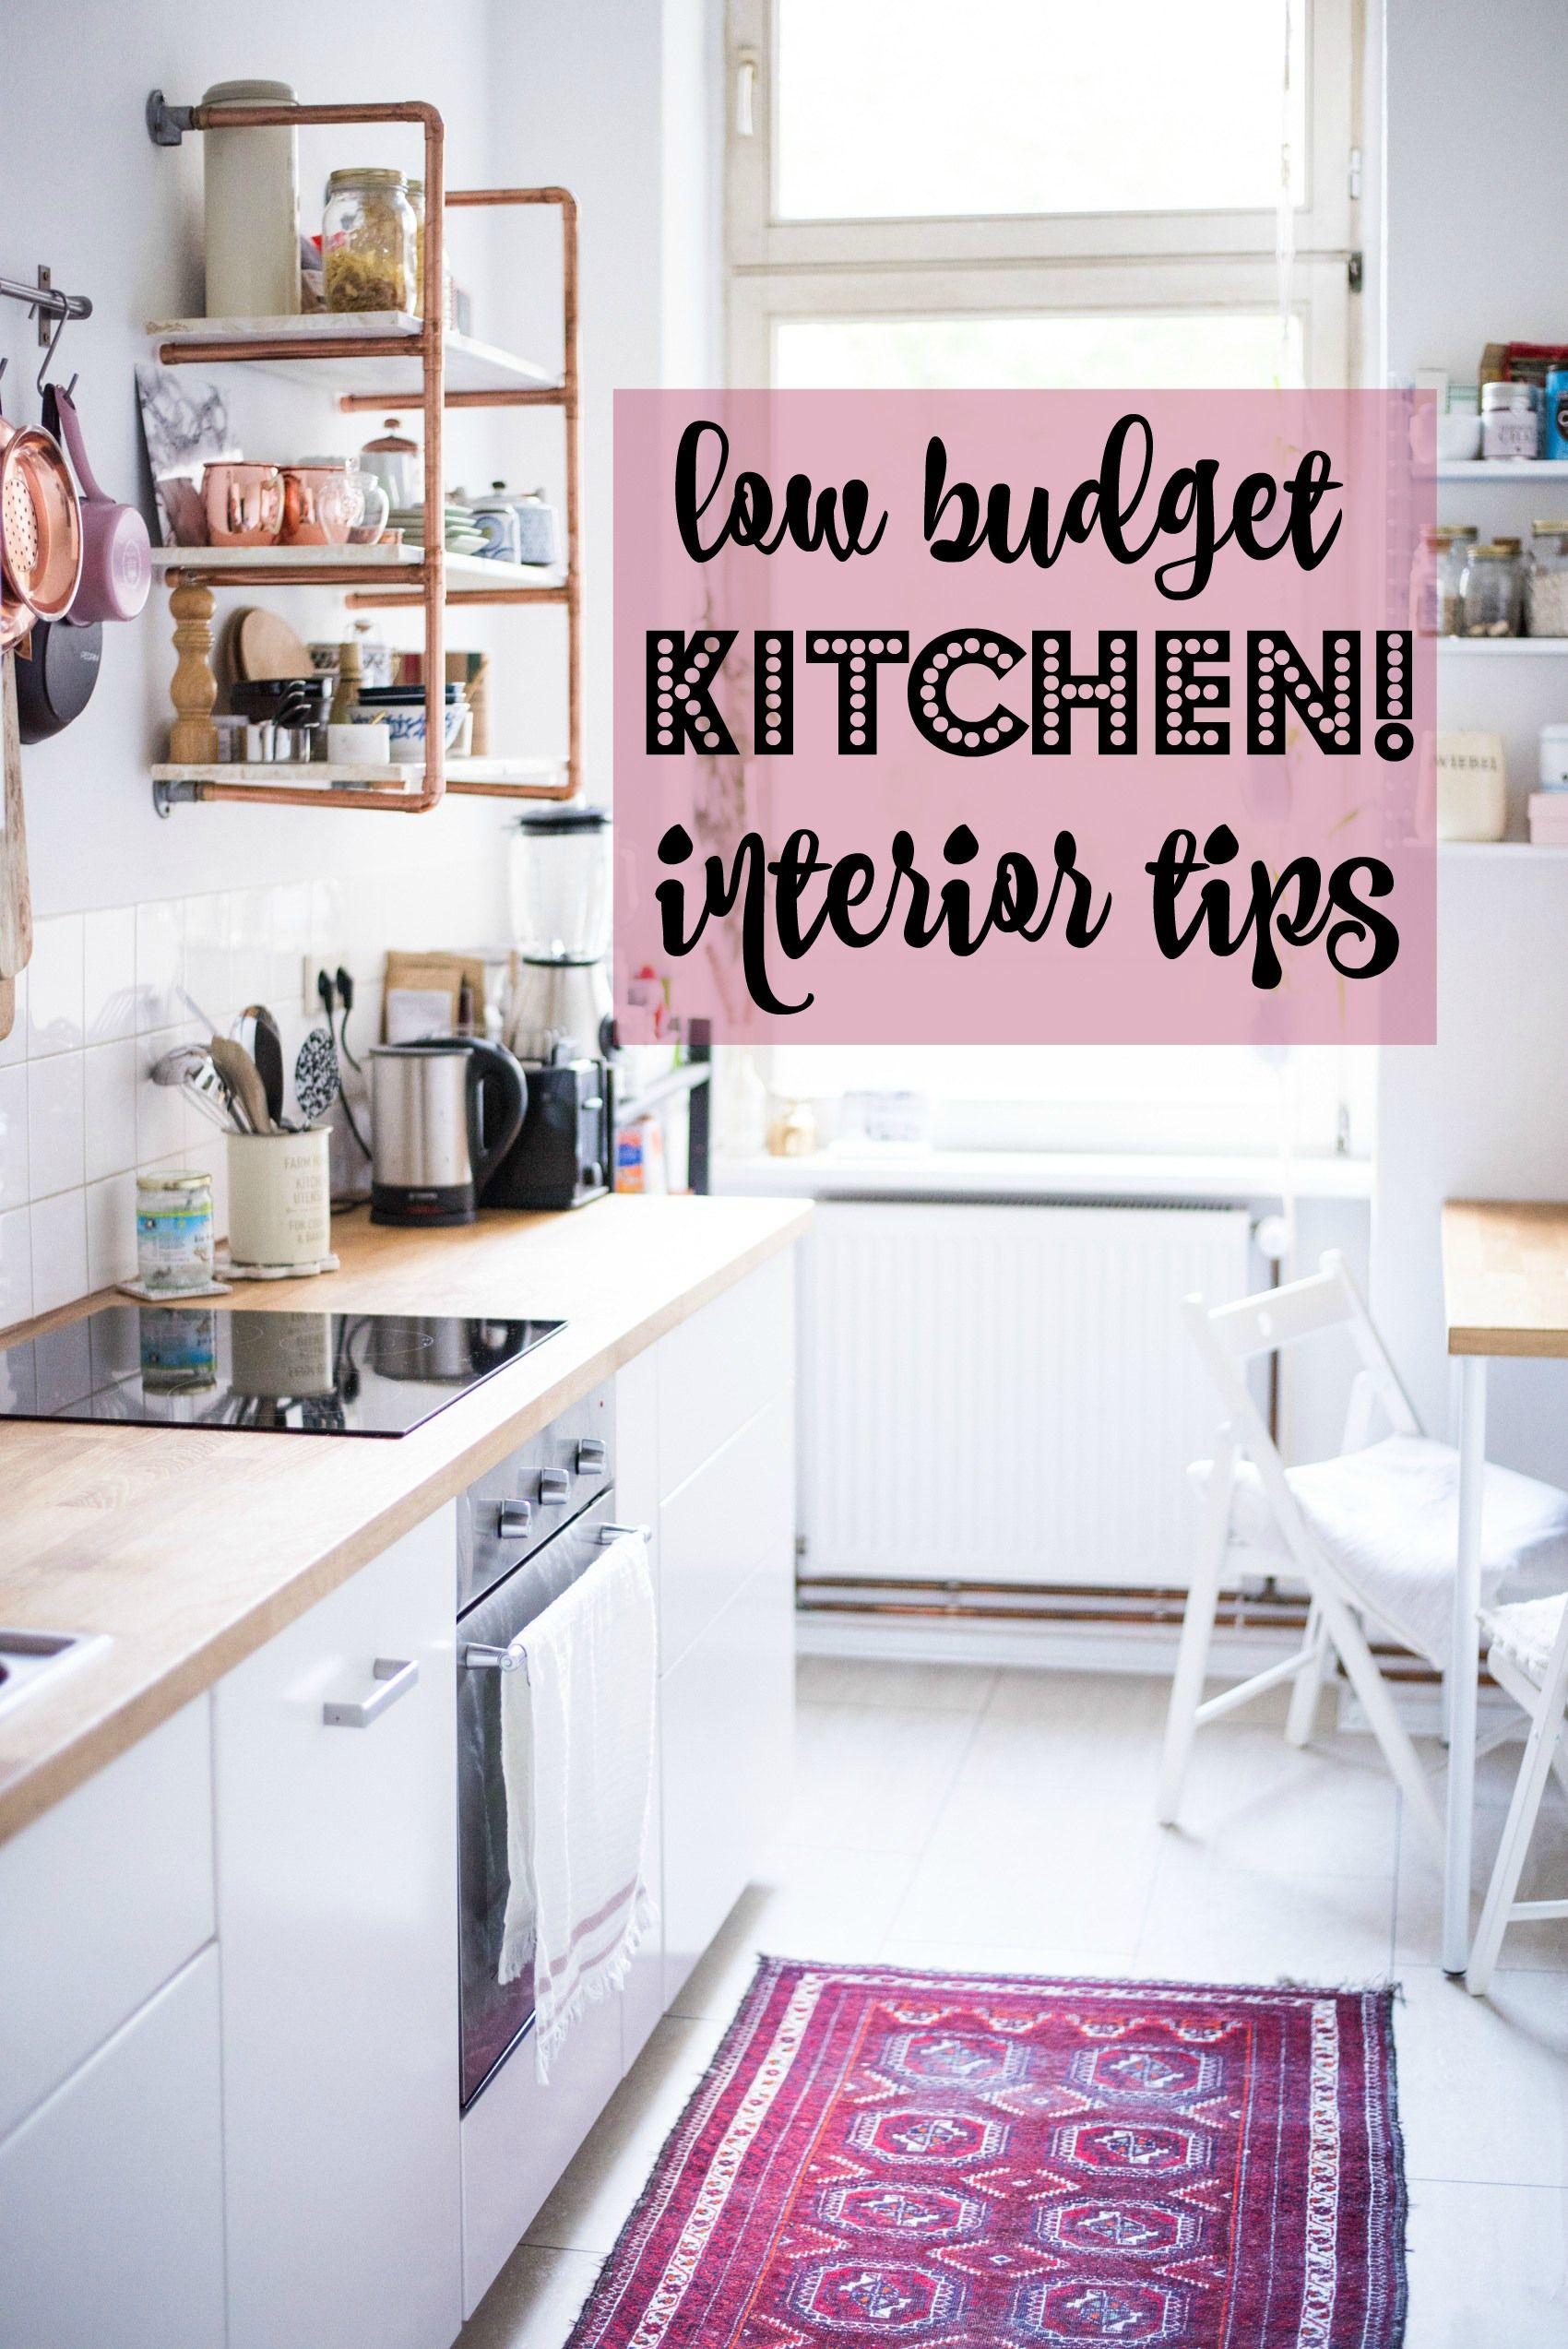 10 low budget interior tips for your kitchen | Küche und Zuhause